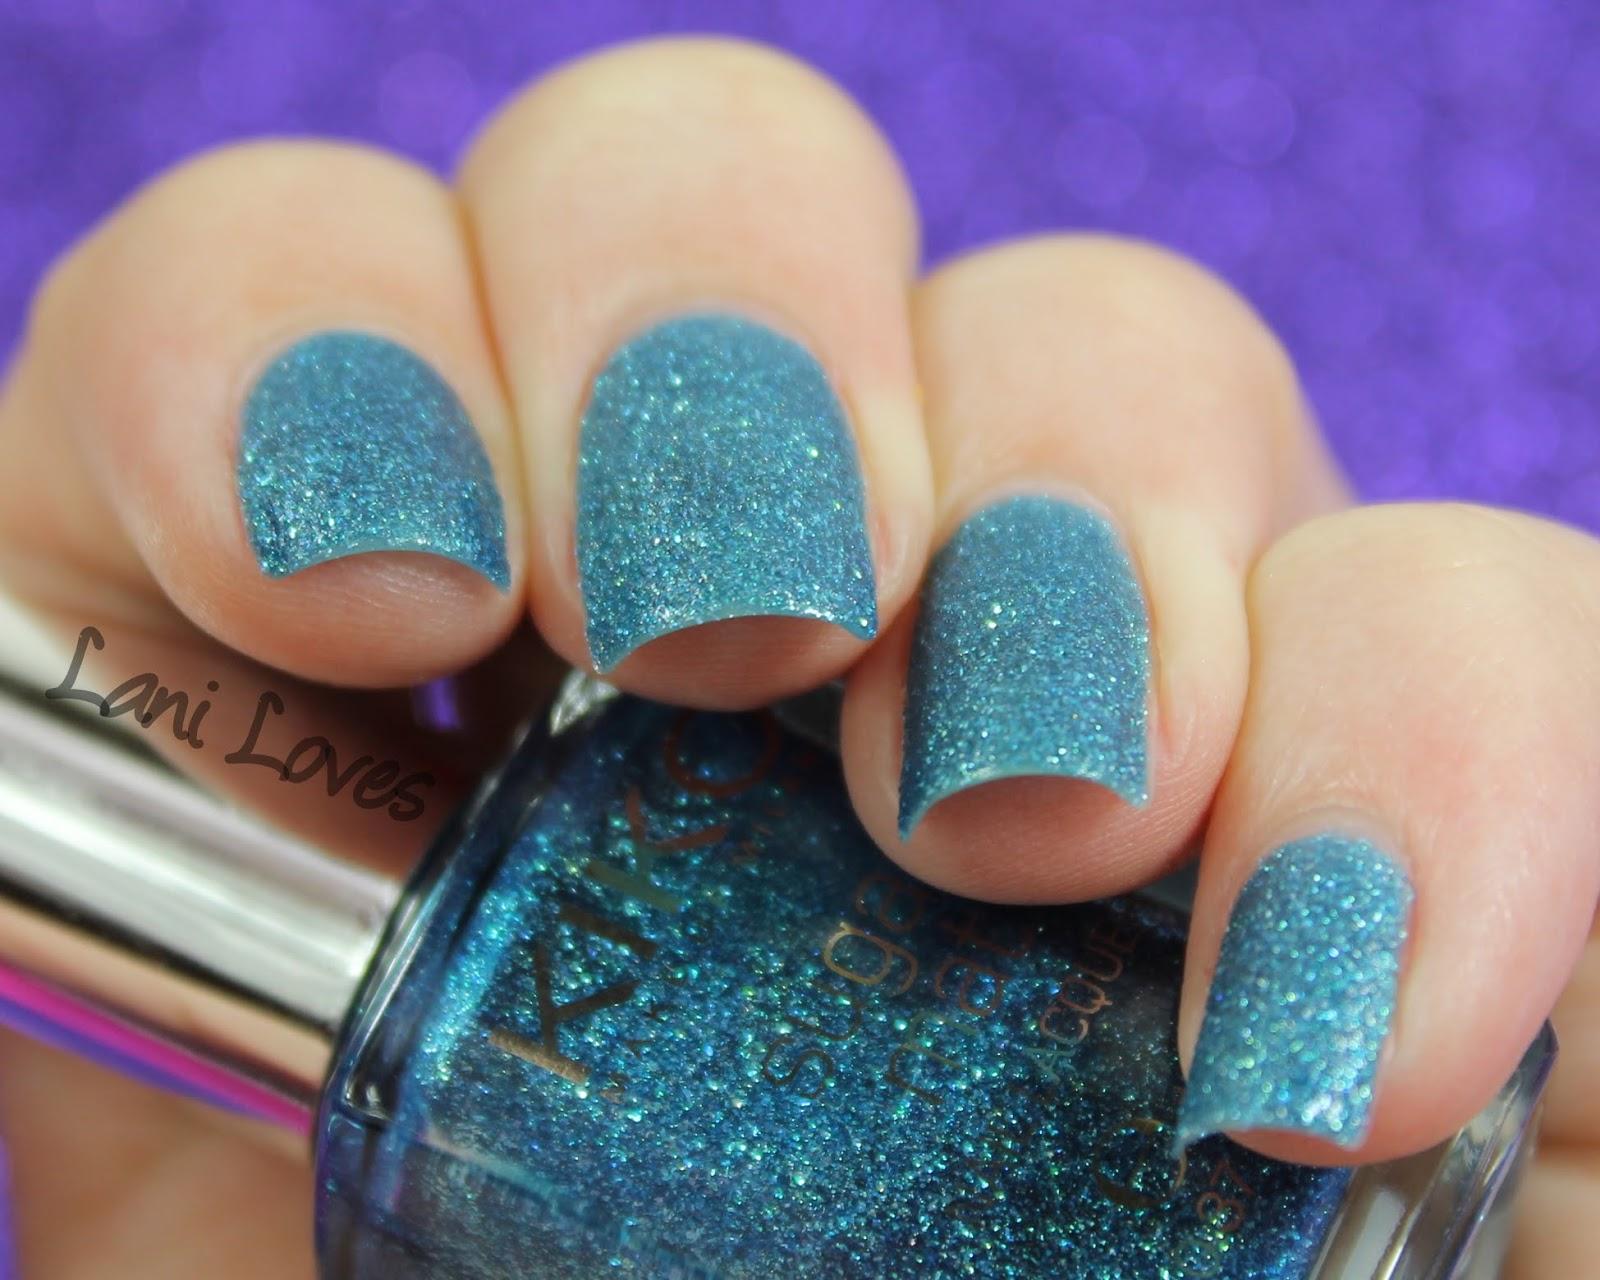 Kiko Sugar Mat Teal Green nail polish swatch & review